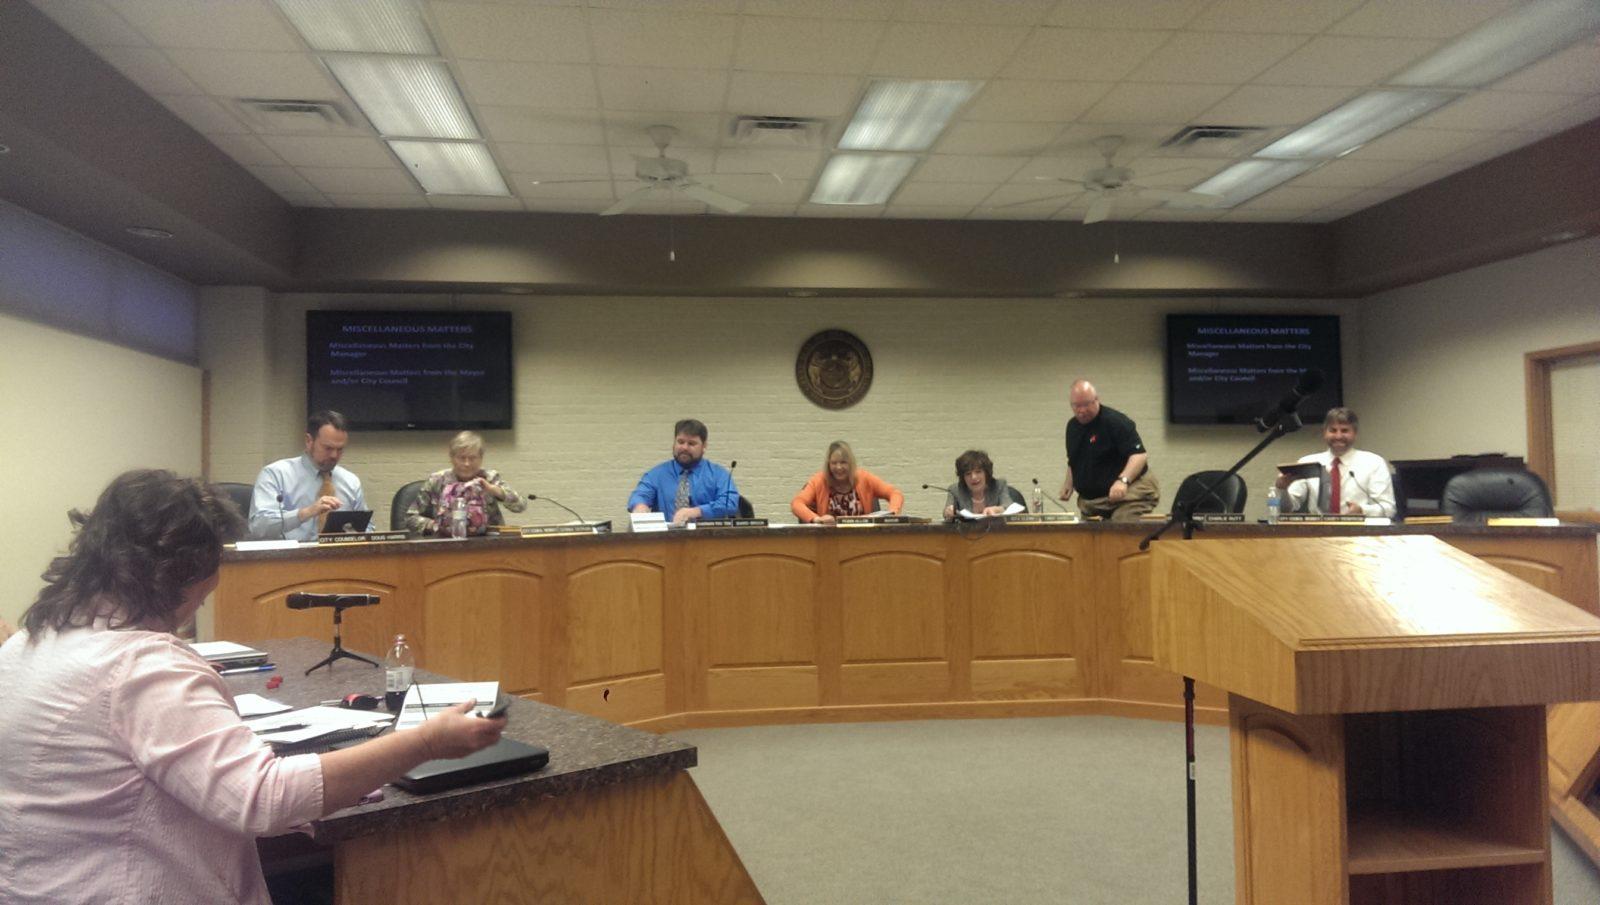 Warrensburg City Council Meeting Recap